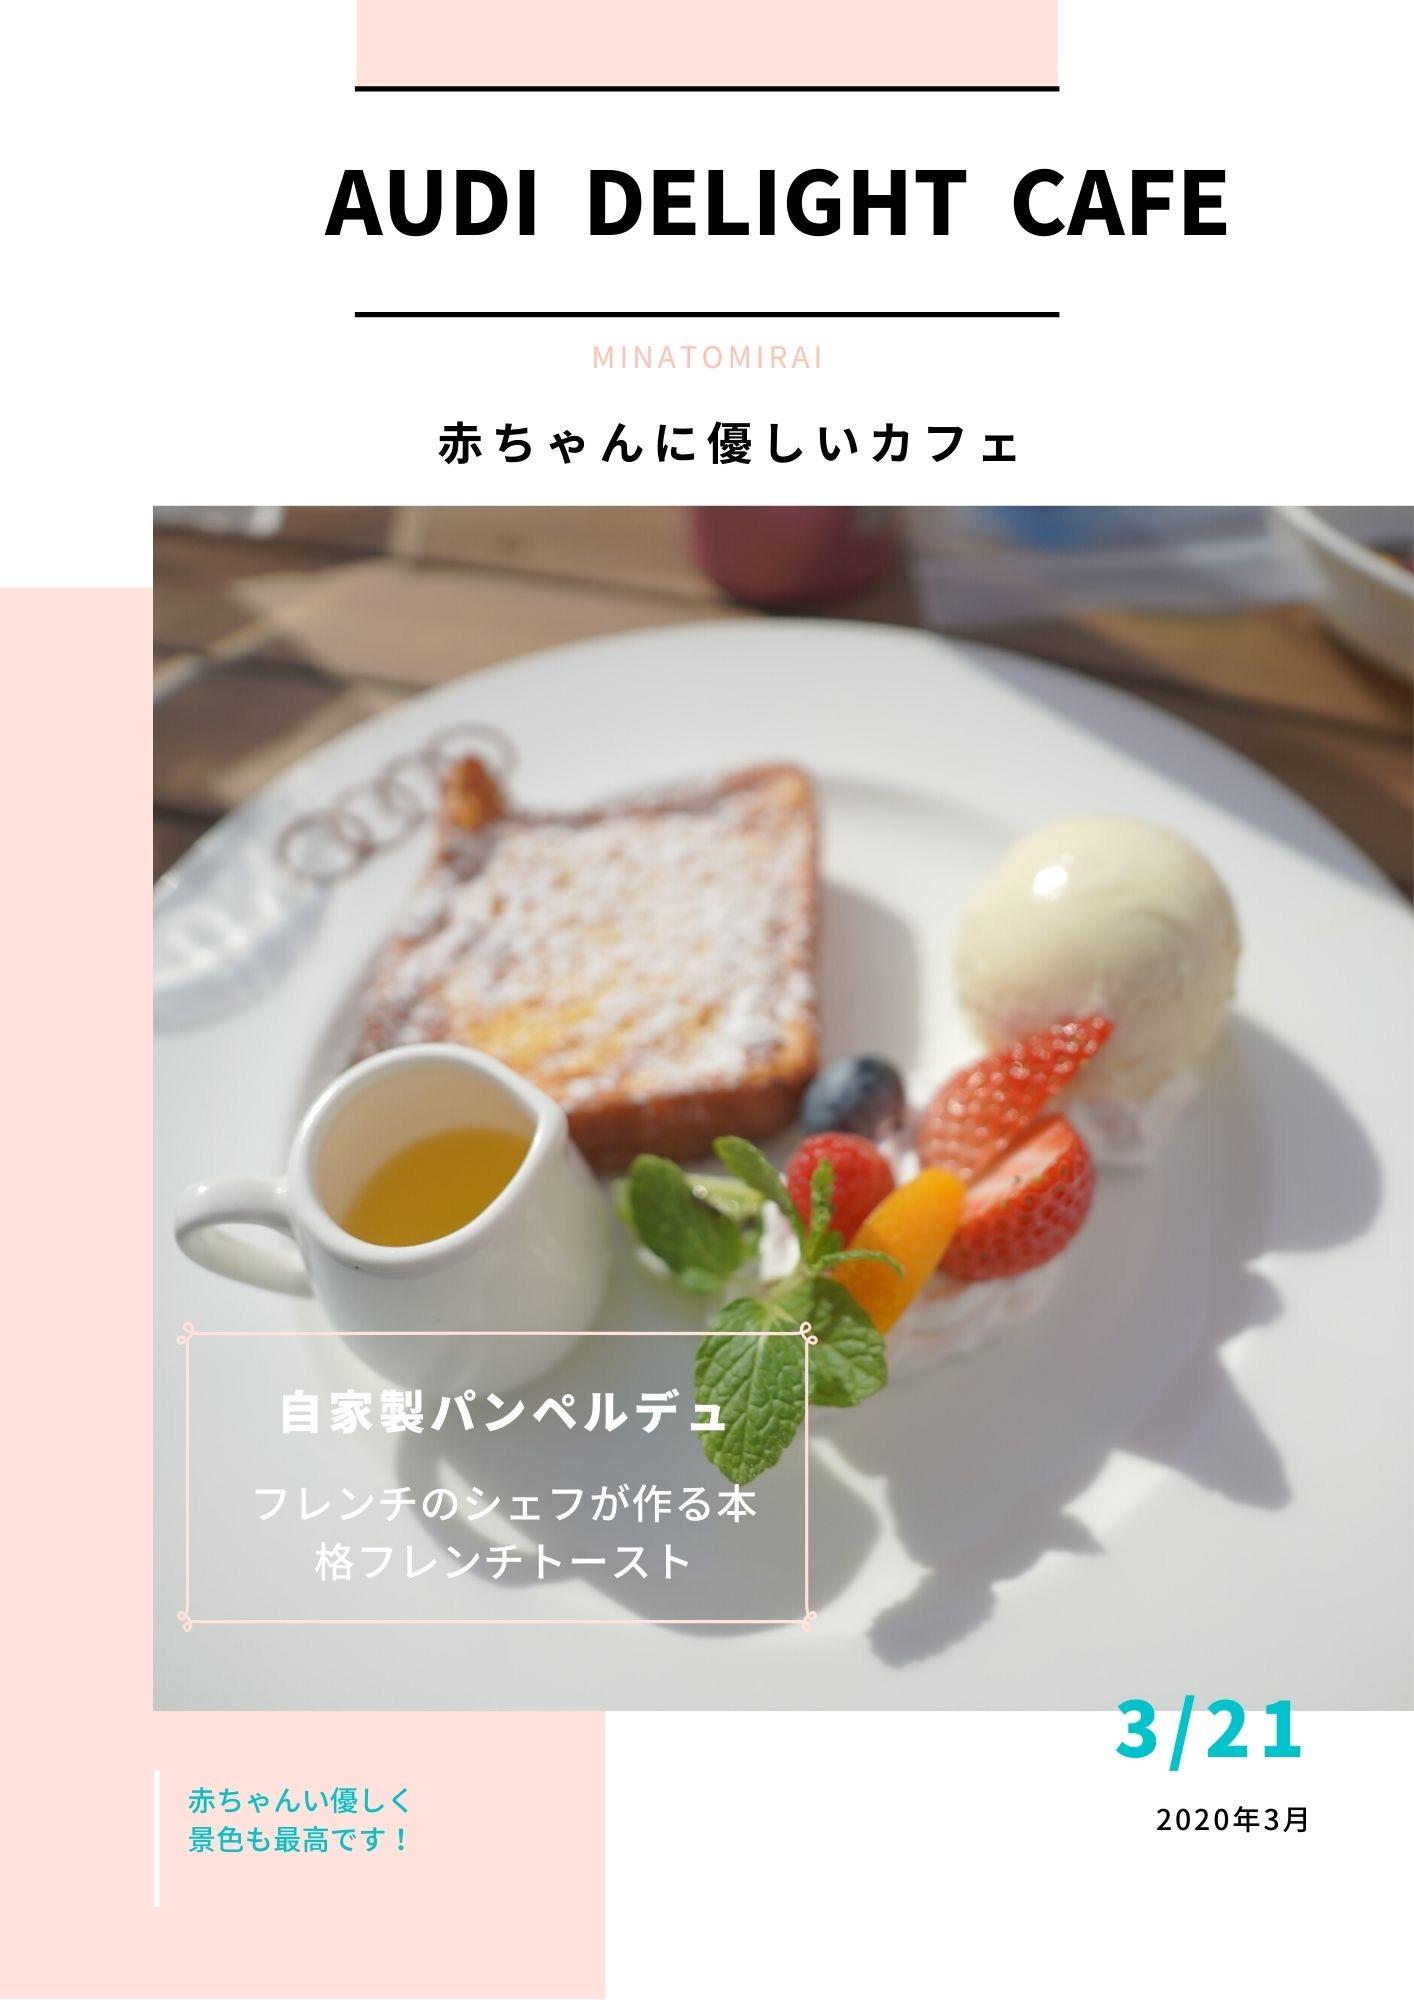 【Audi Delight cafe みなとみらい】赤ちゃんとお出かけレポ!